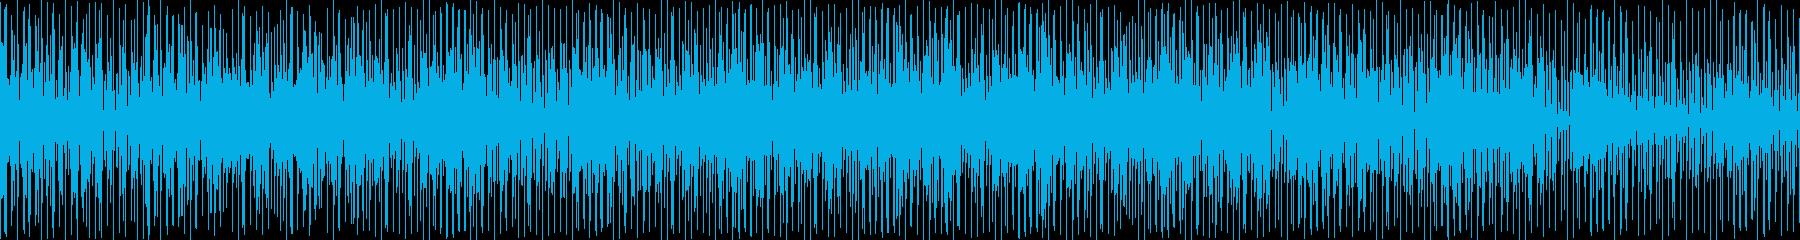 リズム良く楽しげでユニークなインストですの再生済みの波形